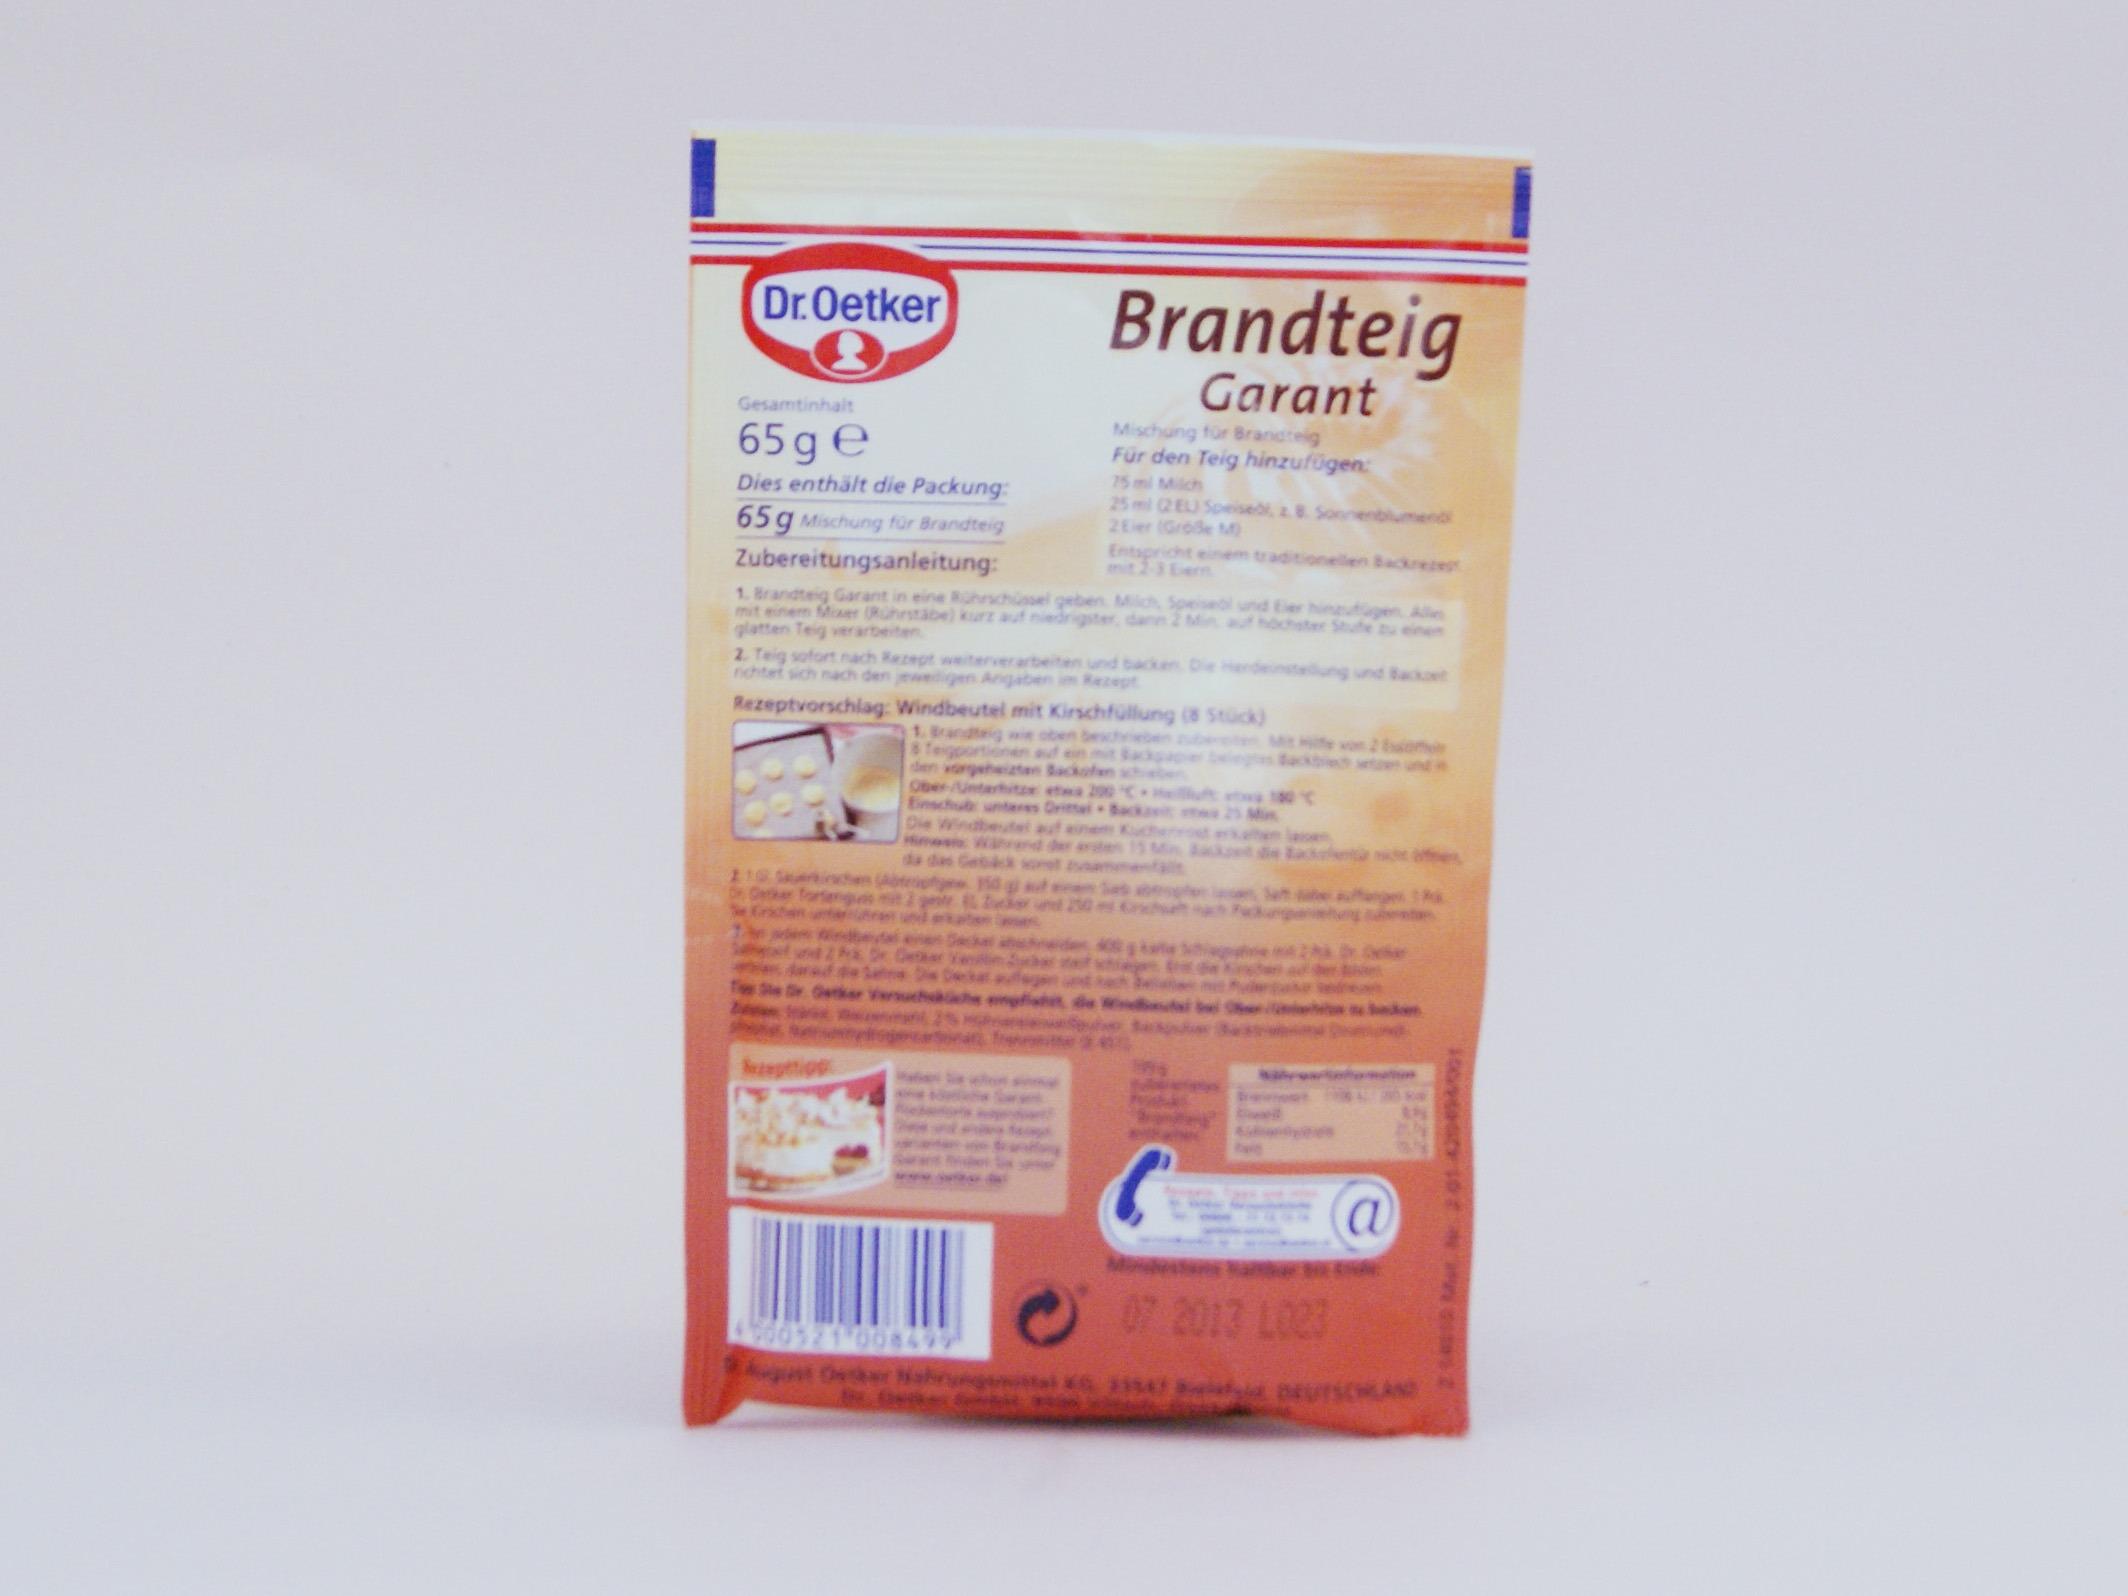 Dr. Oetker Brandteig Garant